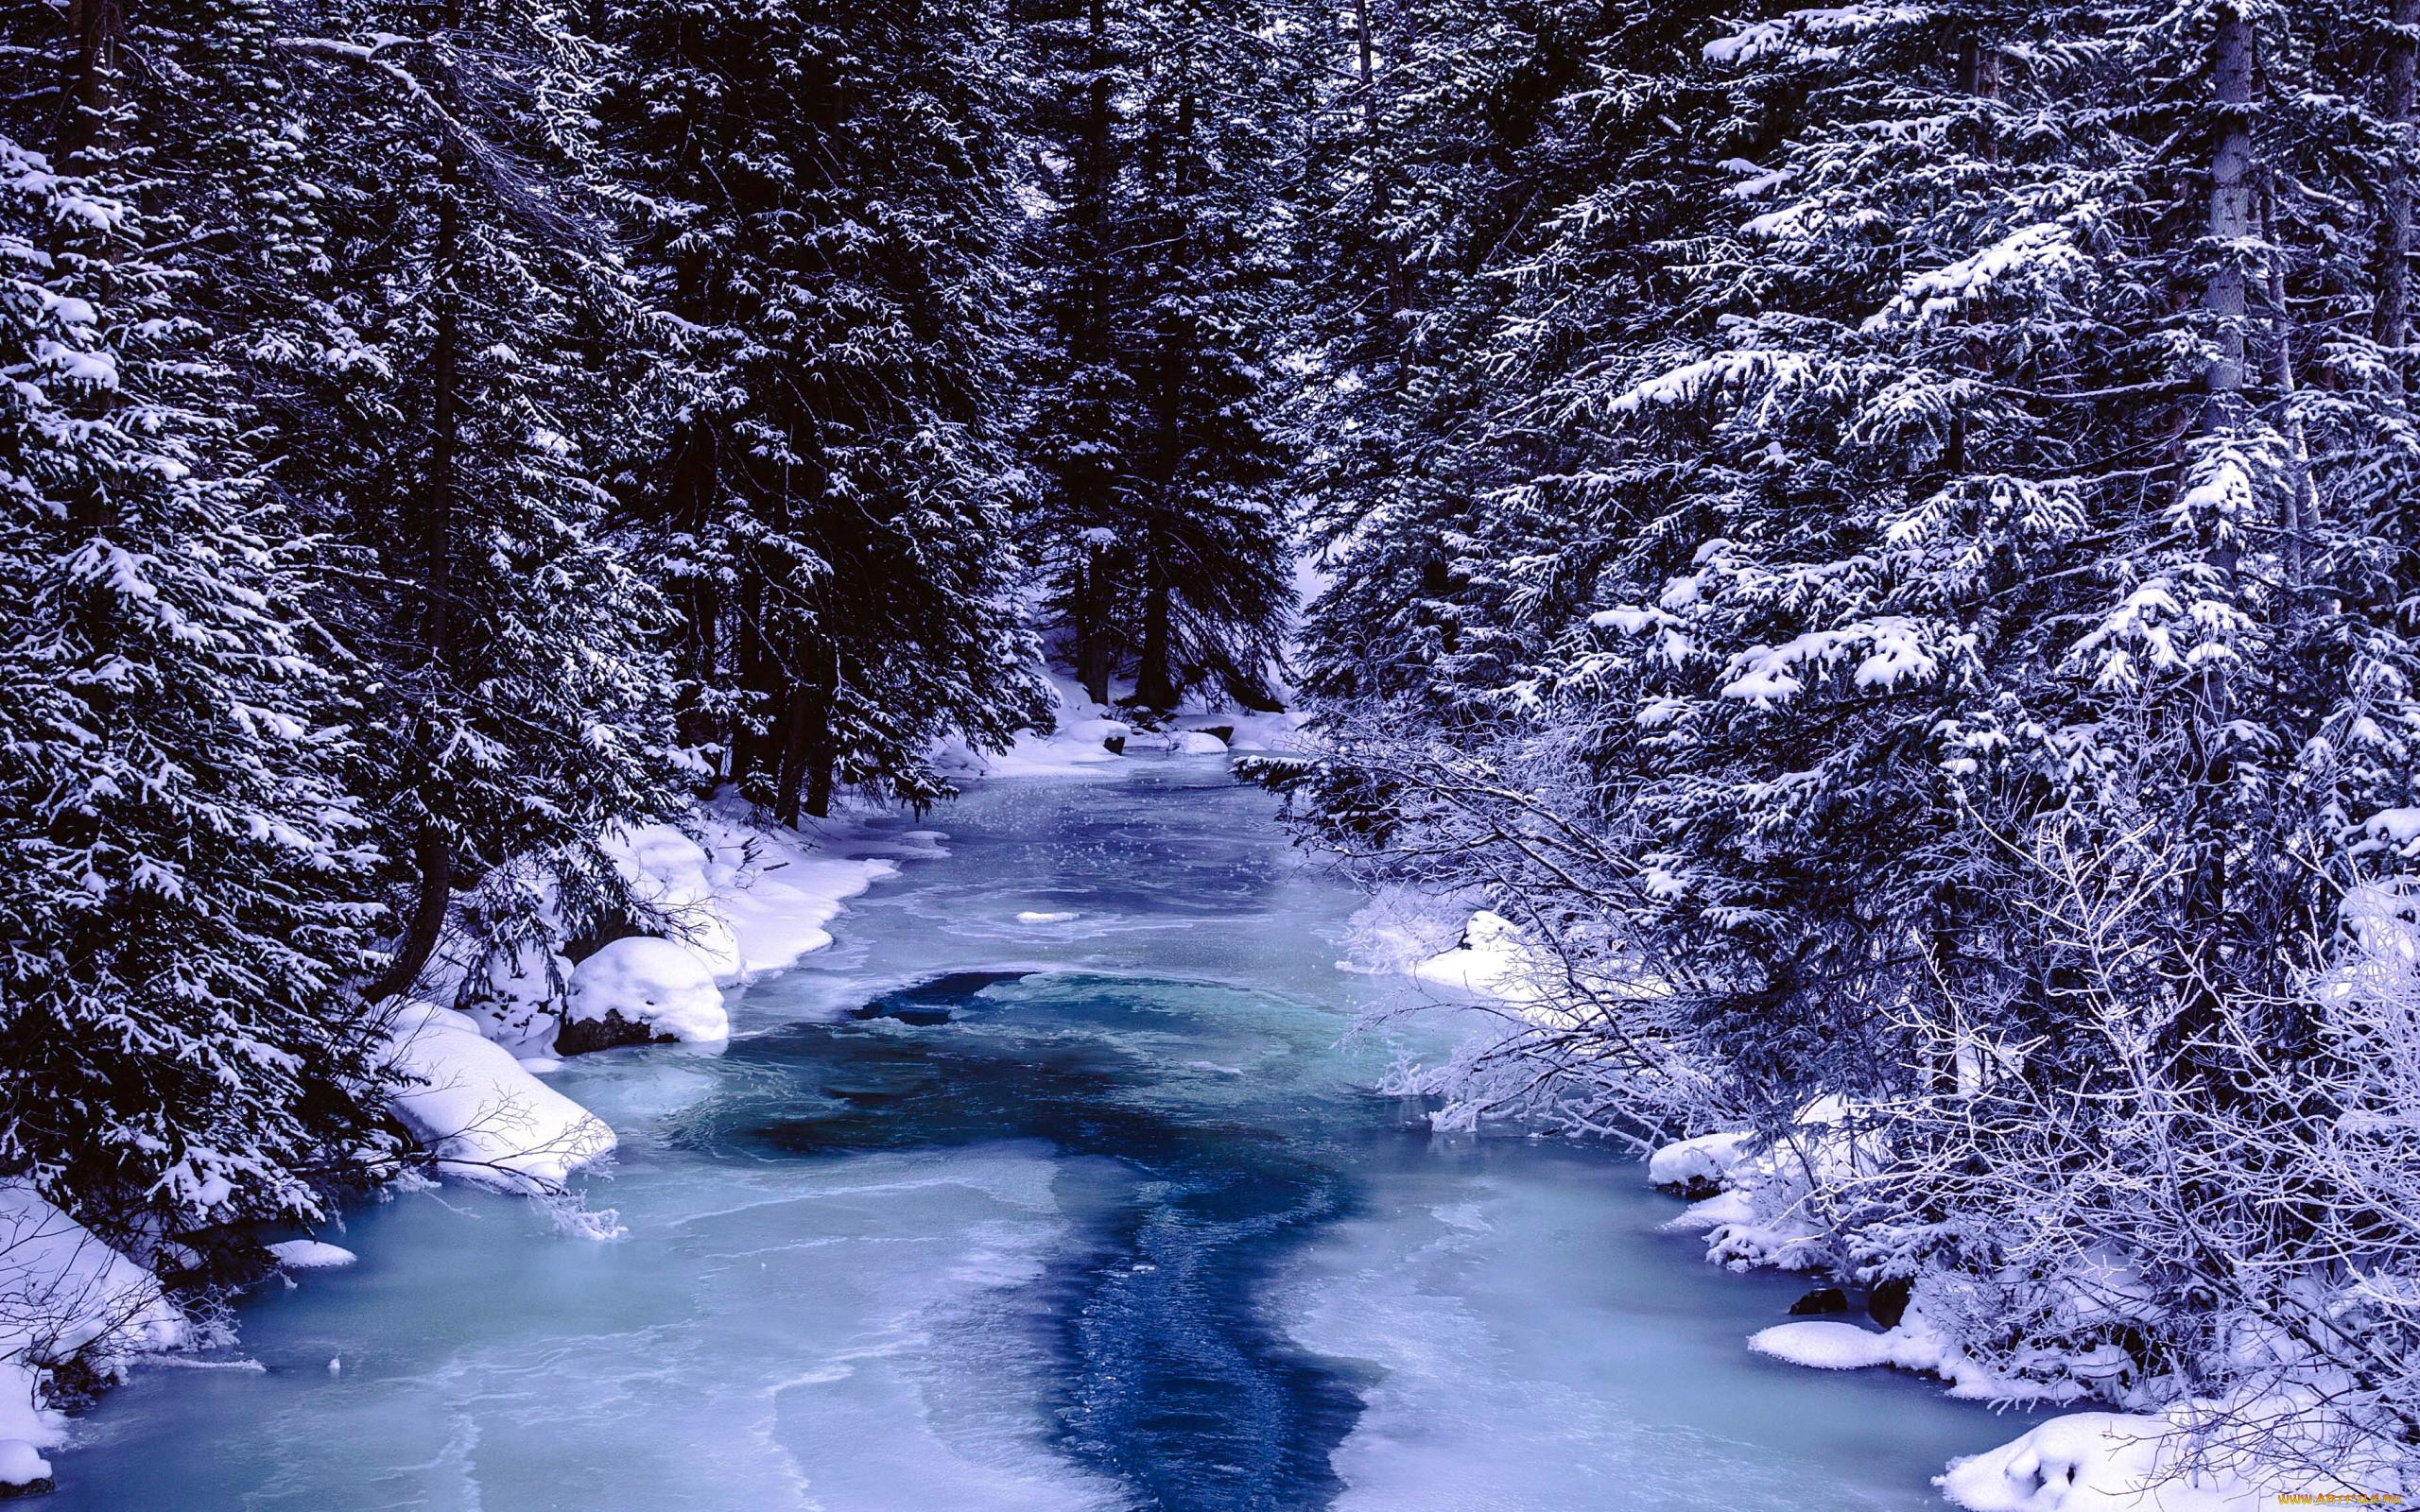 известно, свет фото зимы и речки благодарит судьбу